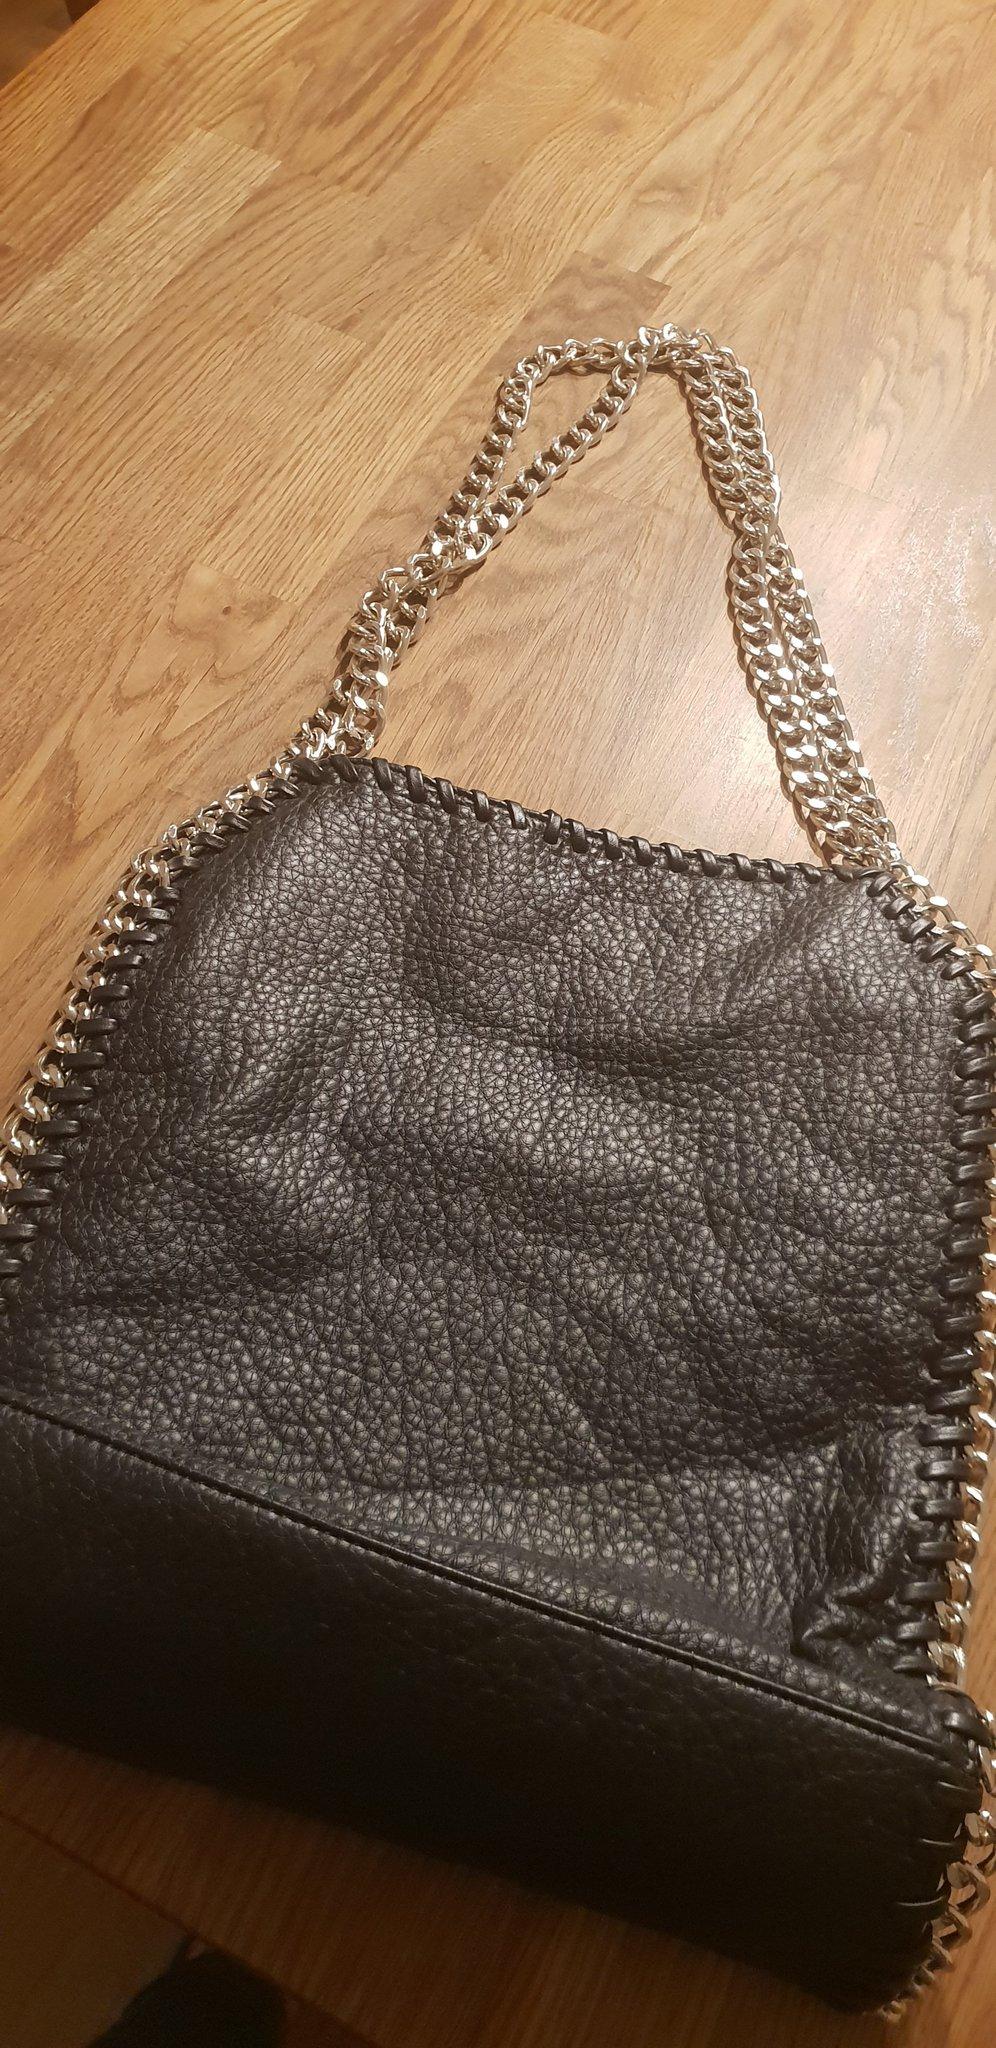 Tiamo Pricilla svart väska ifrån Scorett